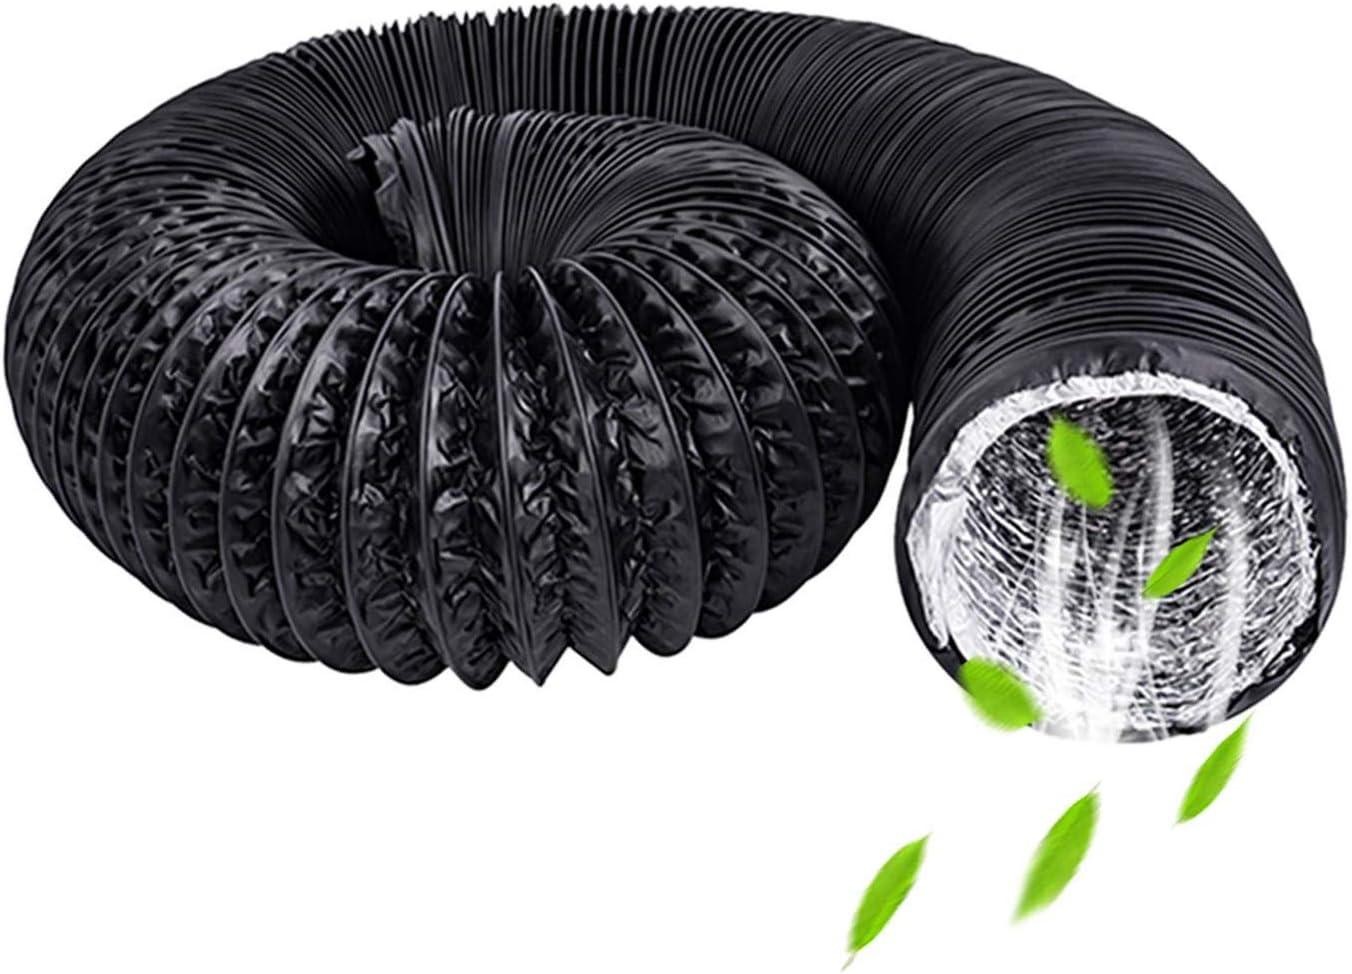 HG Power - Tubo Flexible para Salida de Aire Manguera de PVC de 75 mm con Aislamiento de Aluminio de Calidad Profesional, Schwarz PVC Schlauche, Lange: 5m/16ft & Durchmesser: 75mm/3 zoll